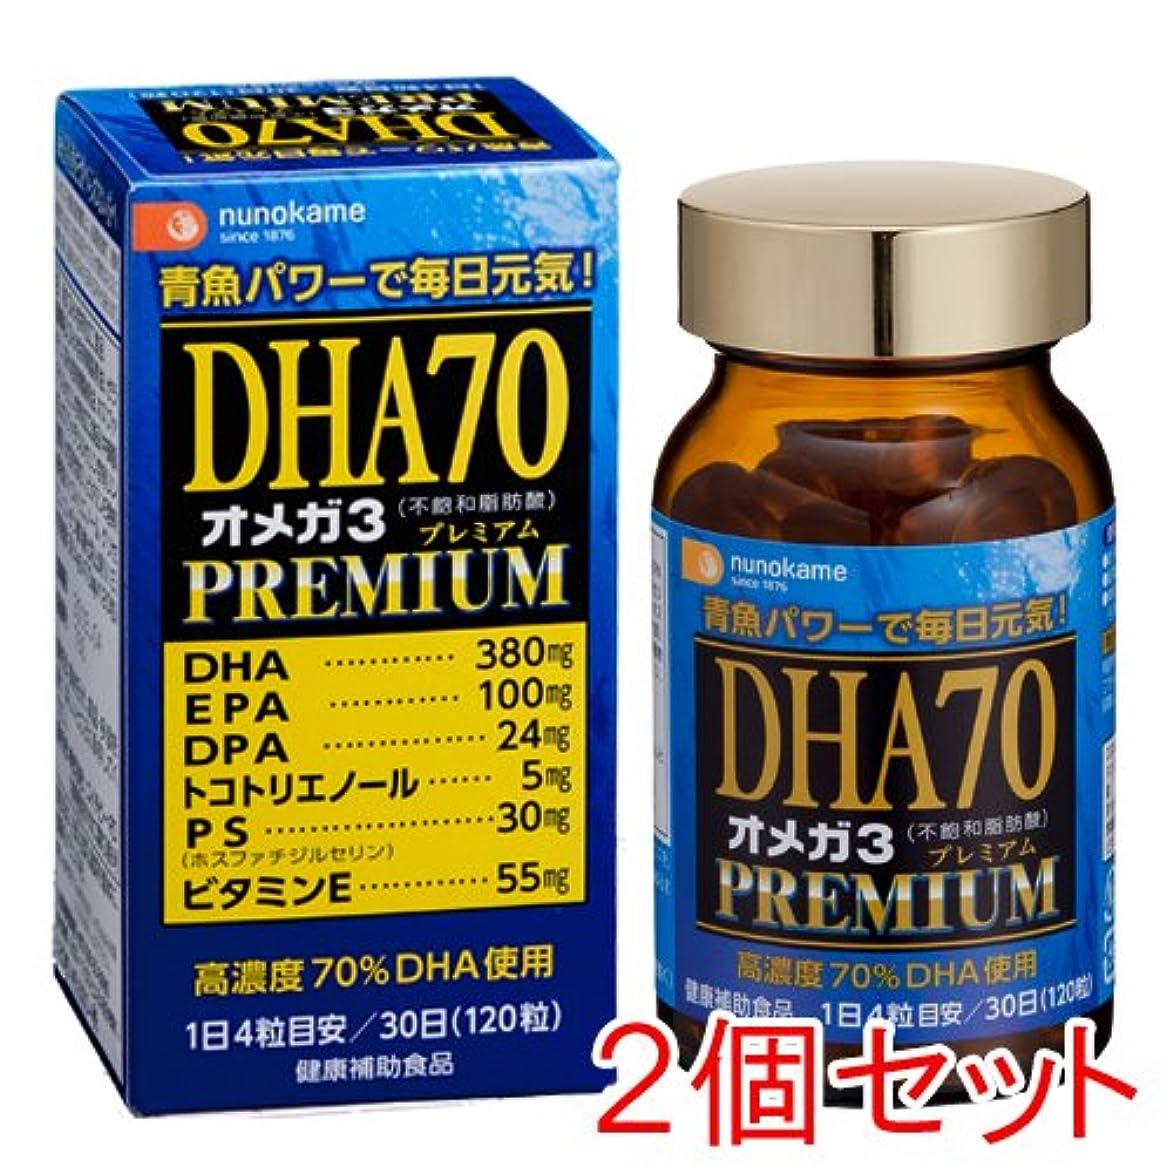 かき混ぜる依存する孤独なDHAオメガ3プレミアム 2個セット